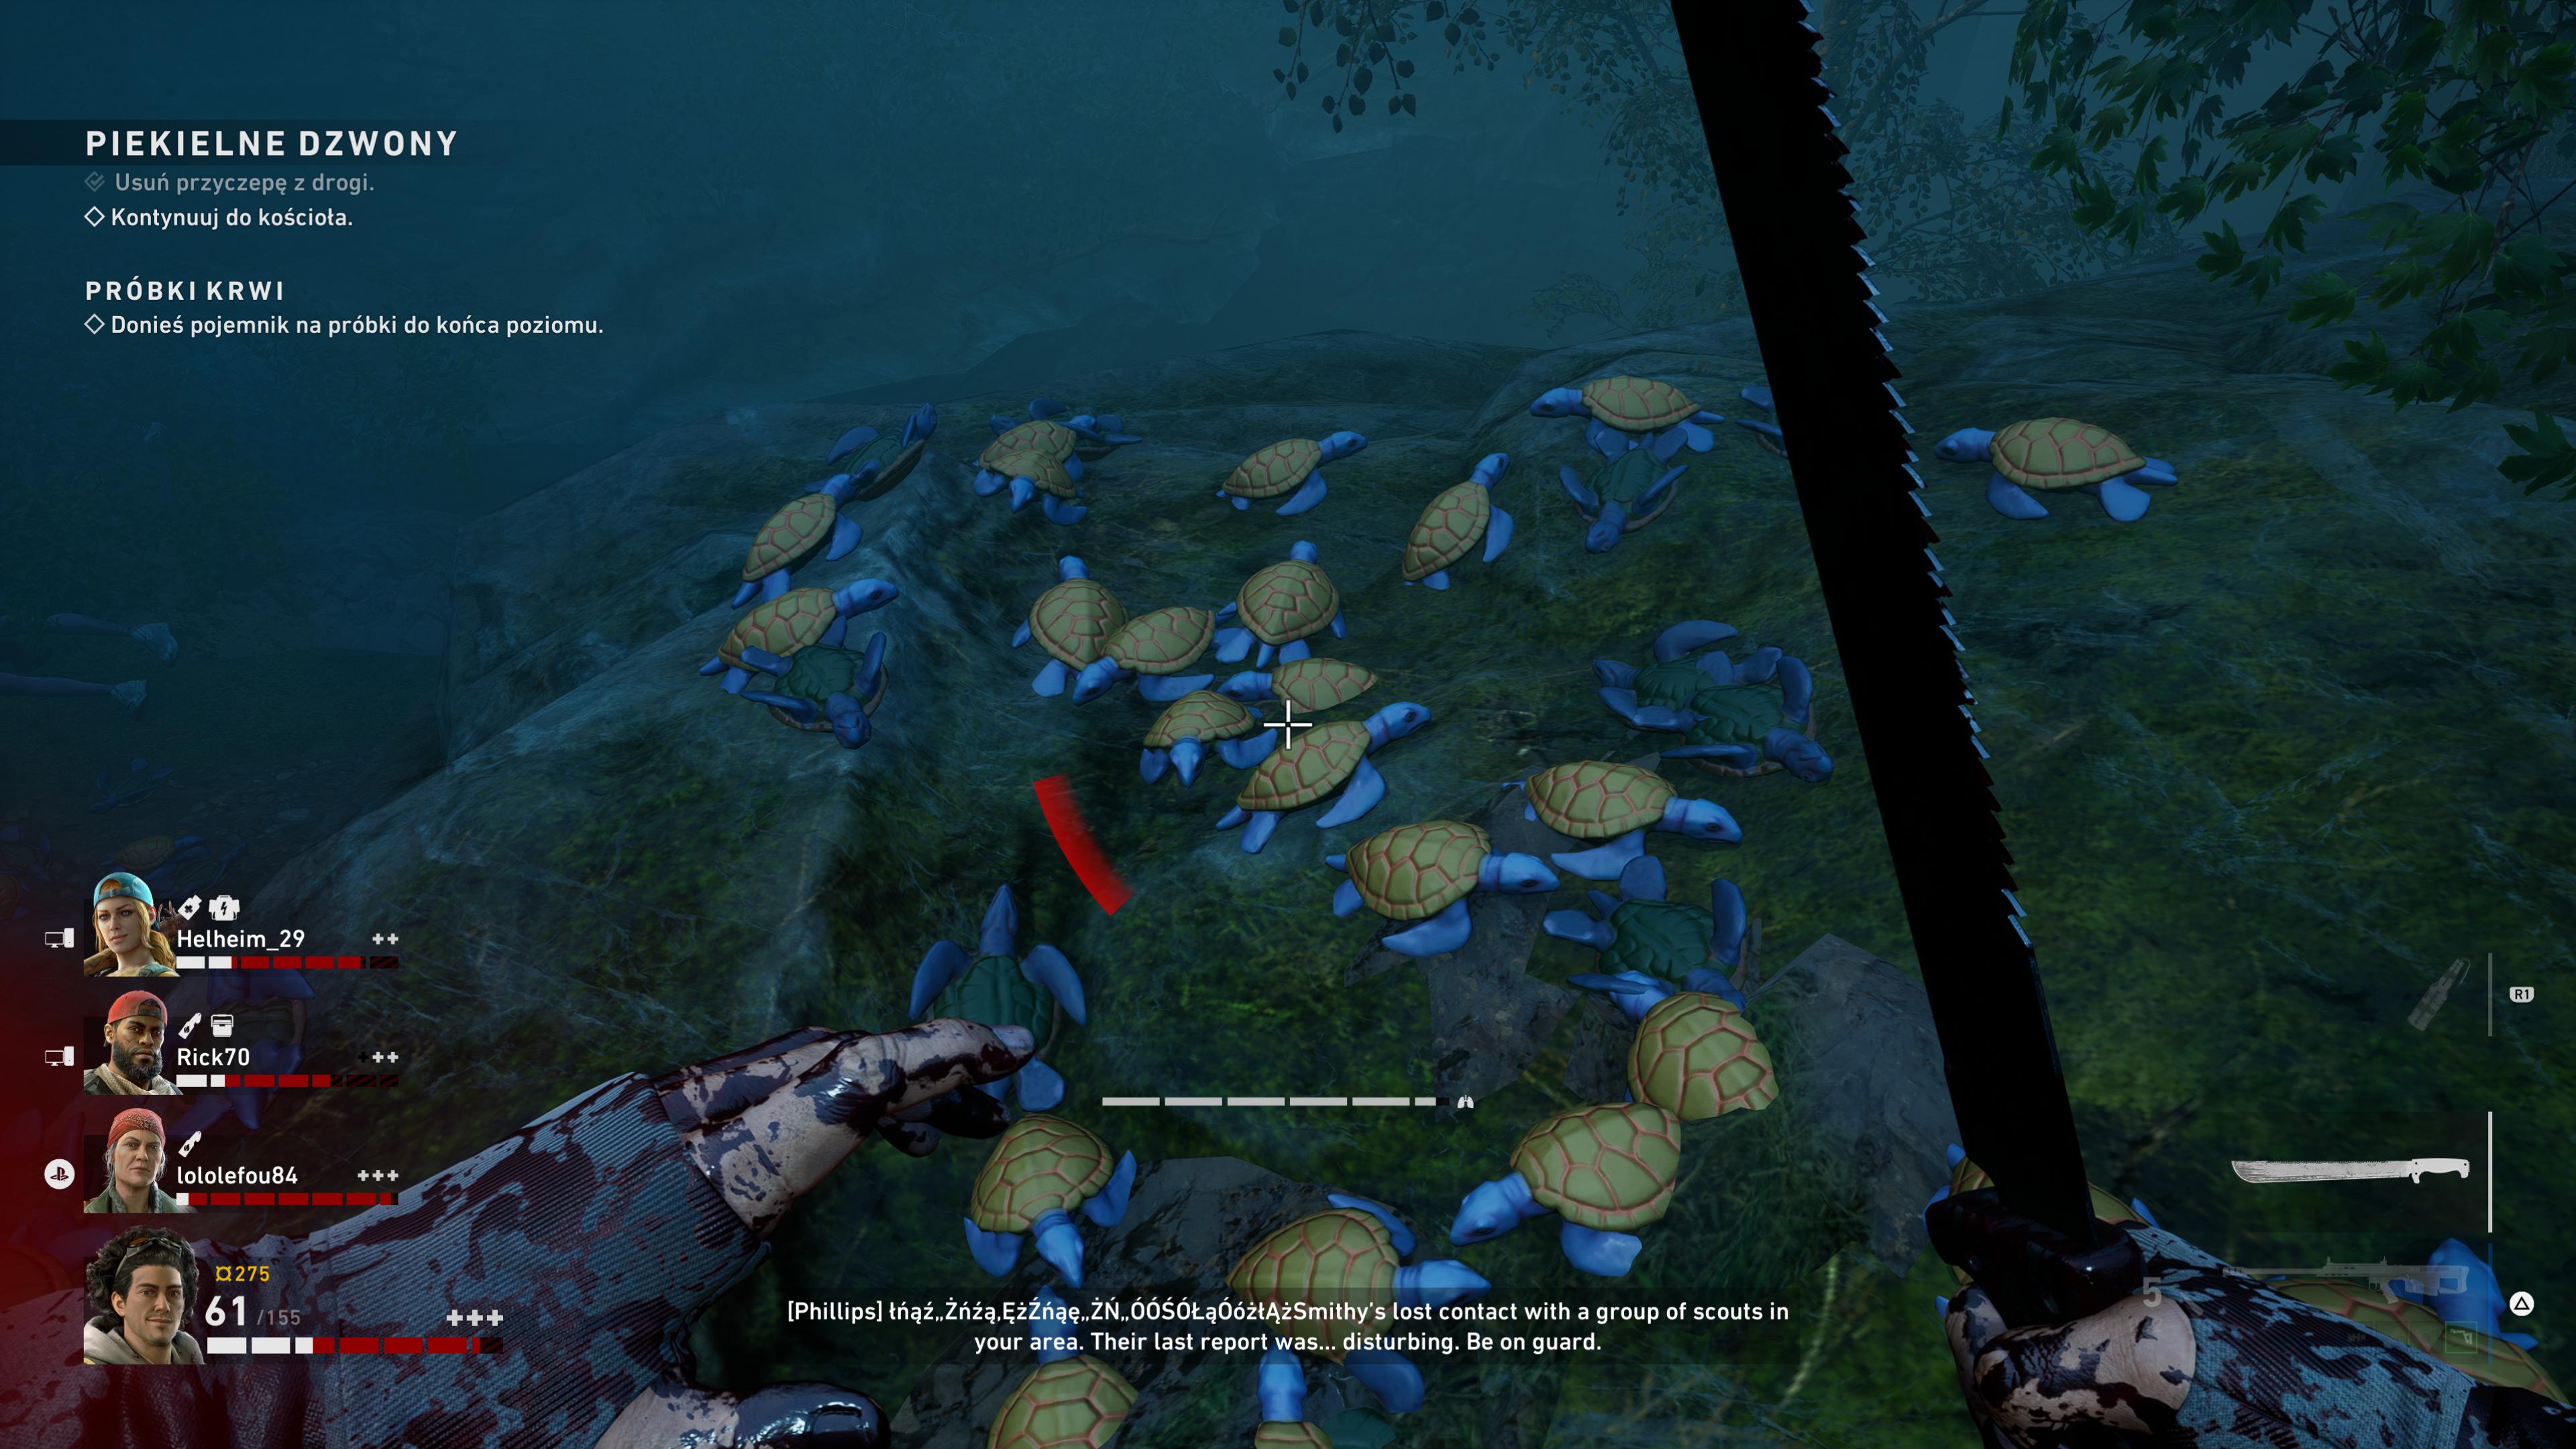 Żółwie na skałach. Bo wiecie, Turtle Rock, hehe.